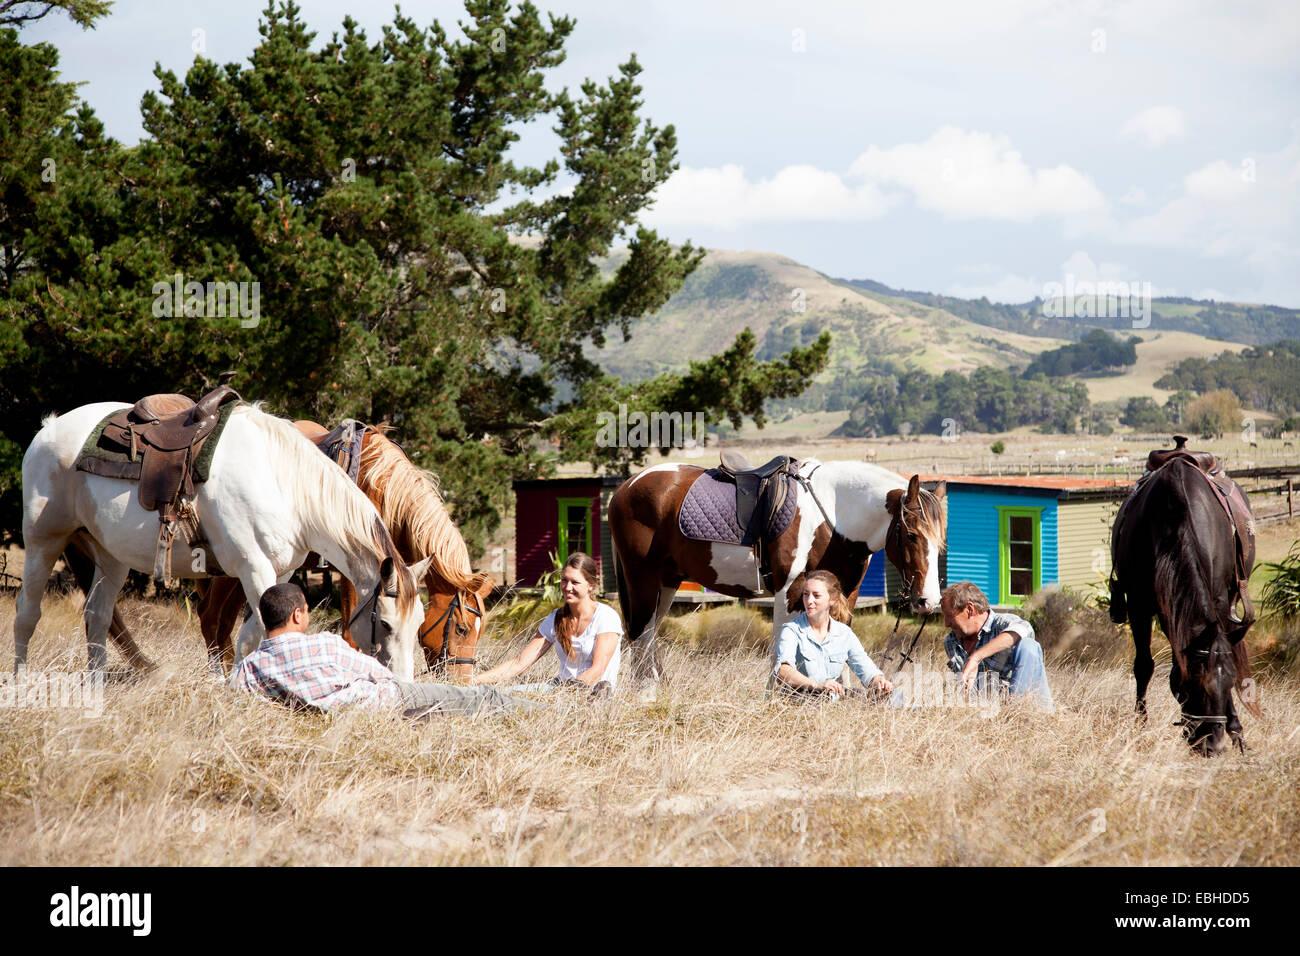 Horse riders taking break on grass, Pakiri Beach, Auckland, New Zealand - Stock Image